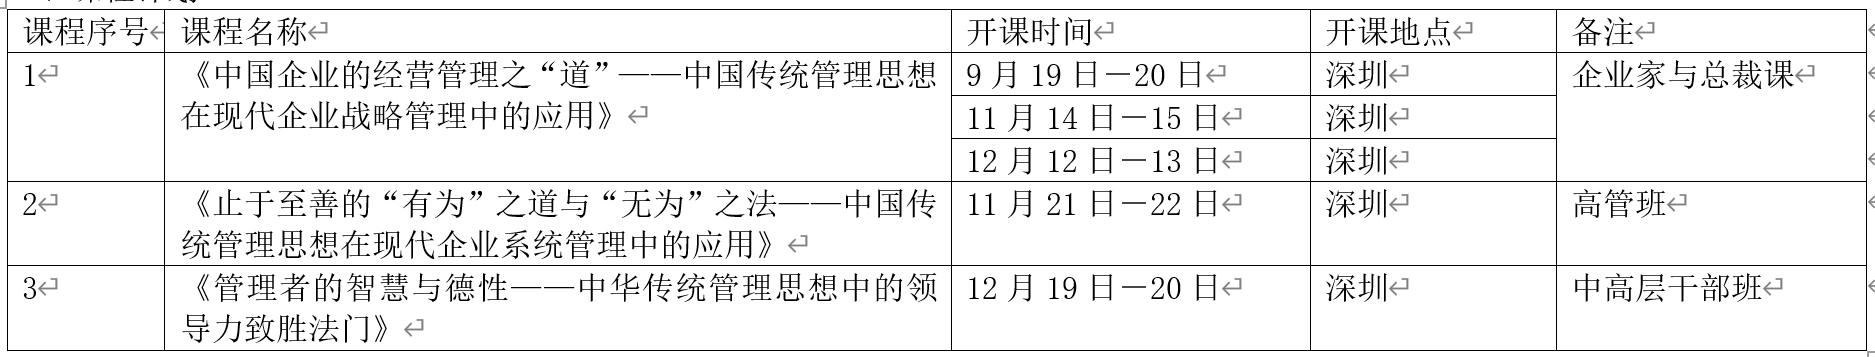 中国时代管理论坛2020年下半年开课计划